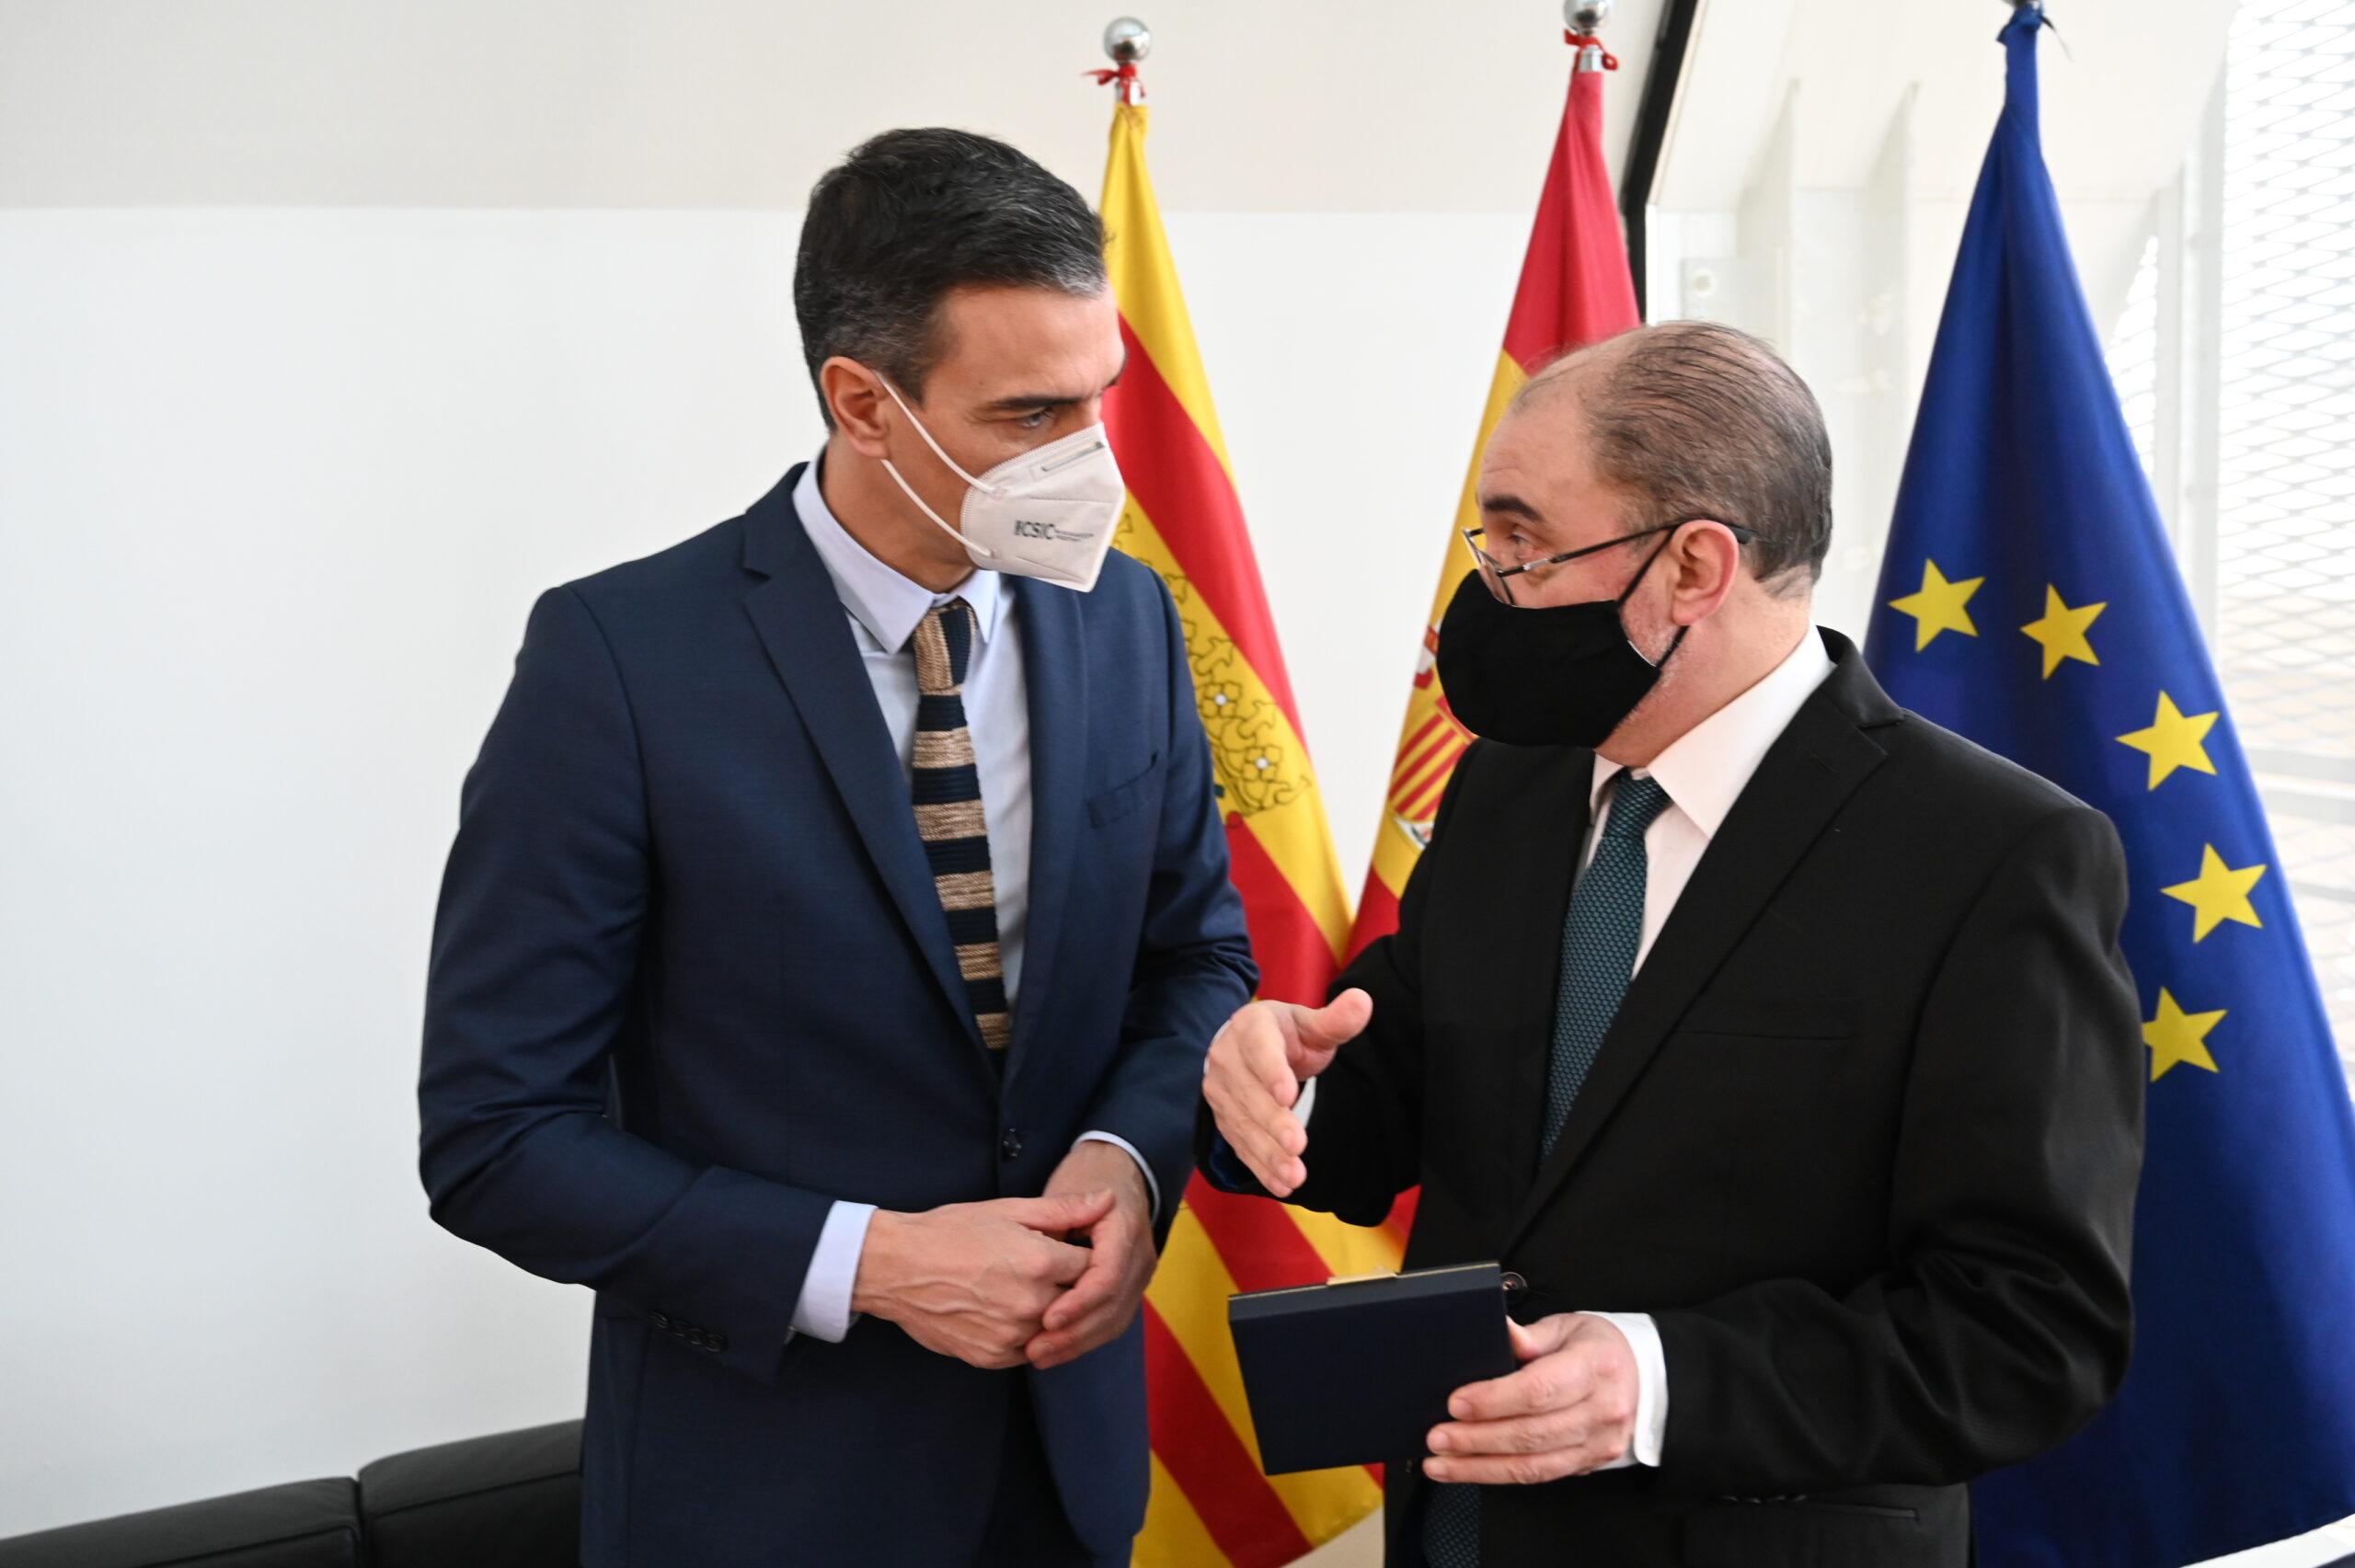 El president del govern espanyol, Pedro Sánchez, i el president del govern aragonès, Javier Lambán   ACN